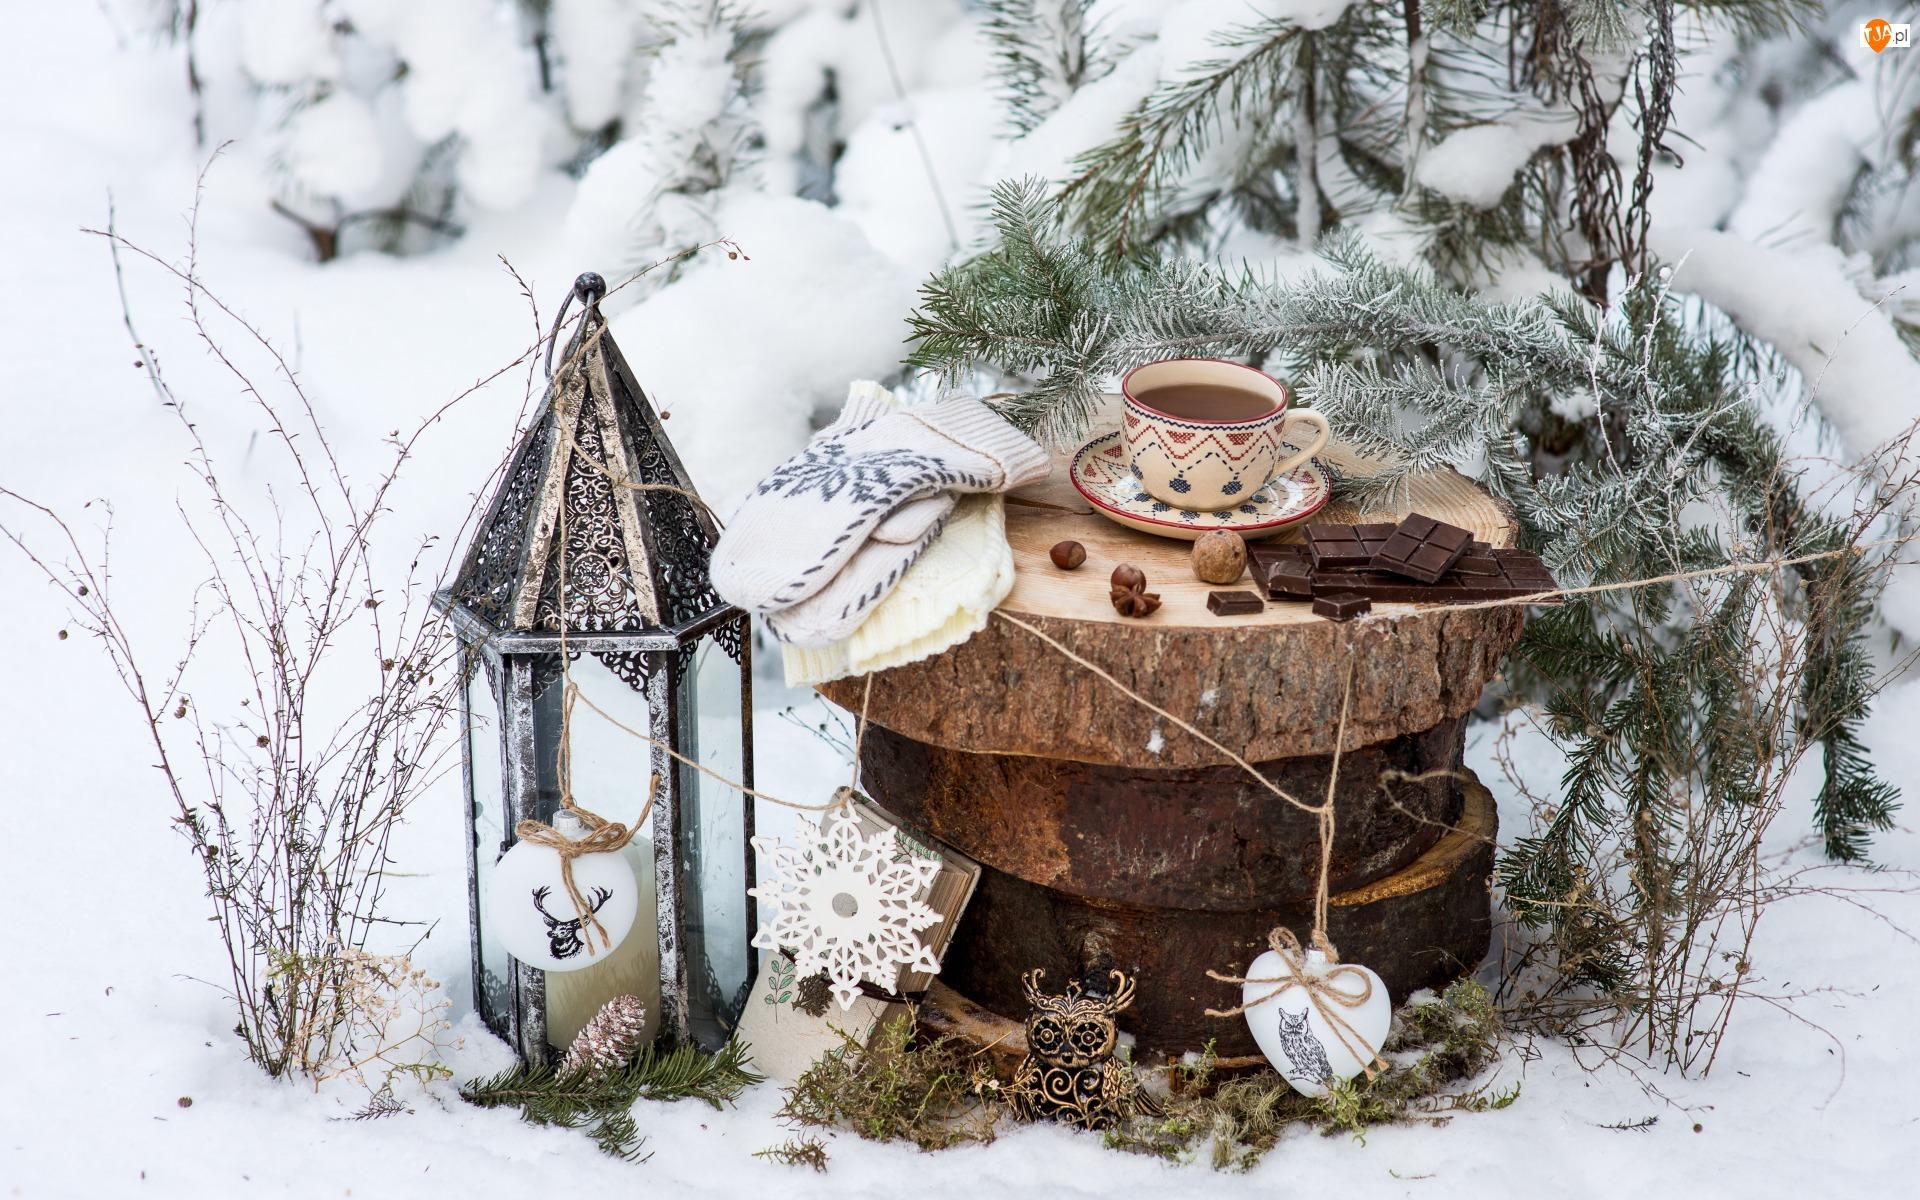 Herbata, Krążki, Kompozycja, Rękawiczki, Rośliny, Iglak, Śnieg, Lampion, Filiżanka, Świąteczna, Zima, Pnia, Czekolada